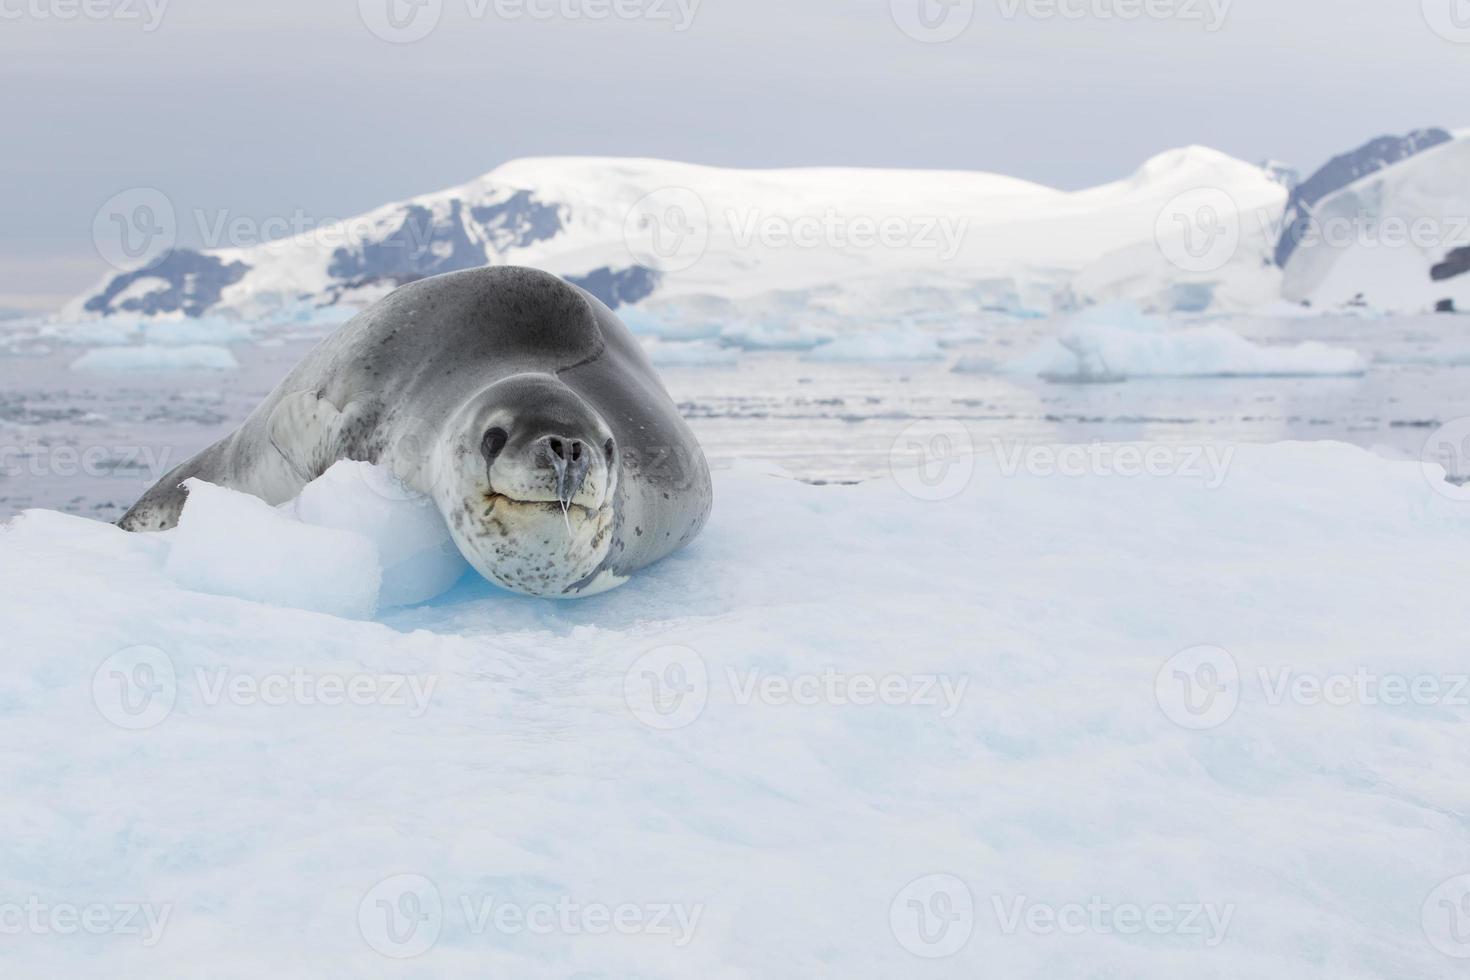 foca-leopardo no bloco de gelo foto